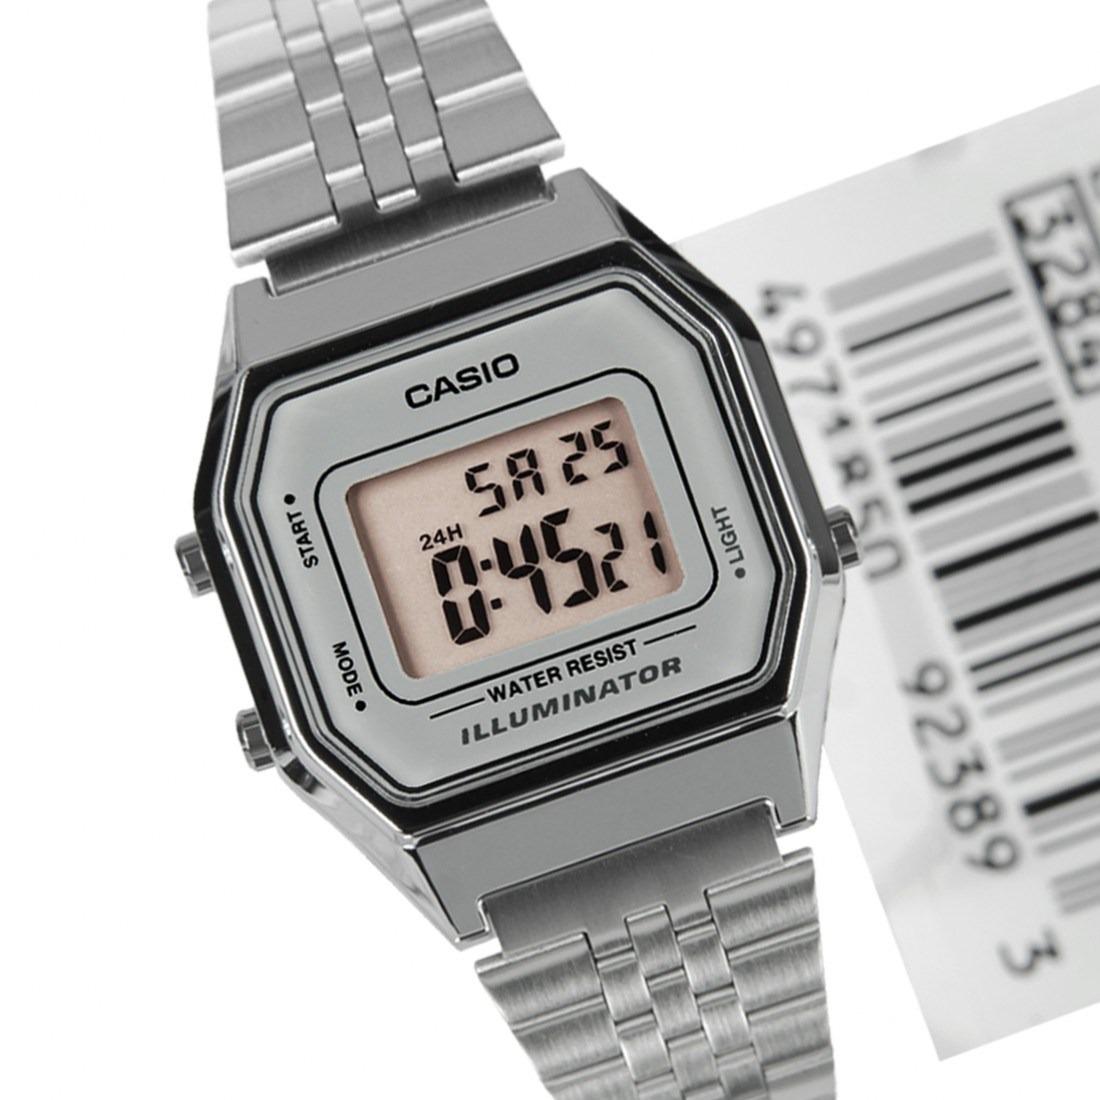 e1503bbcc05 relógio casio prata cinza tamanho pequeno retro la680. Carregando zoom.